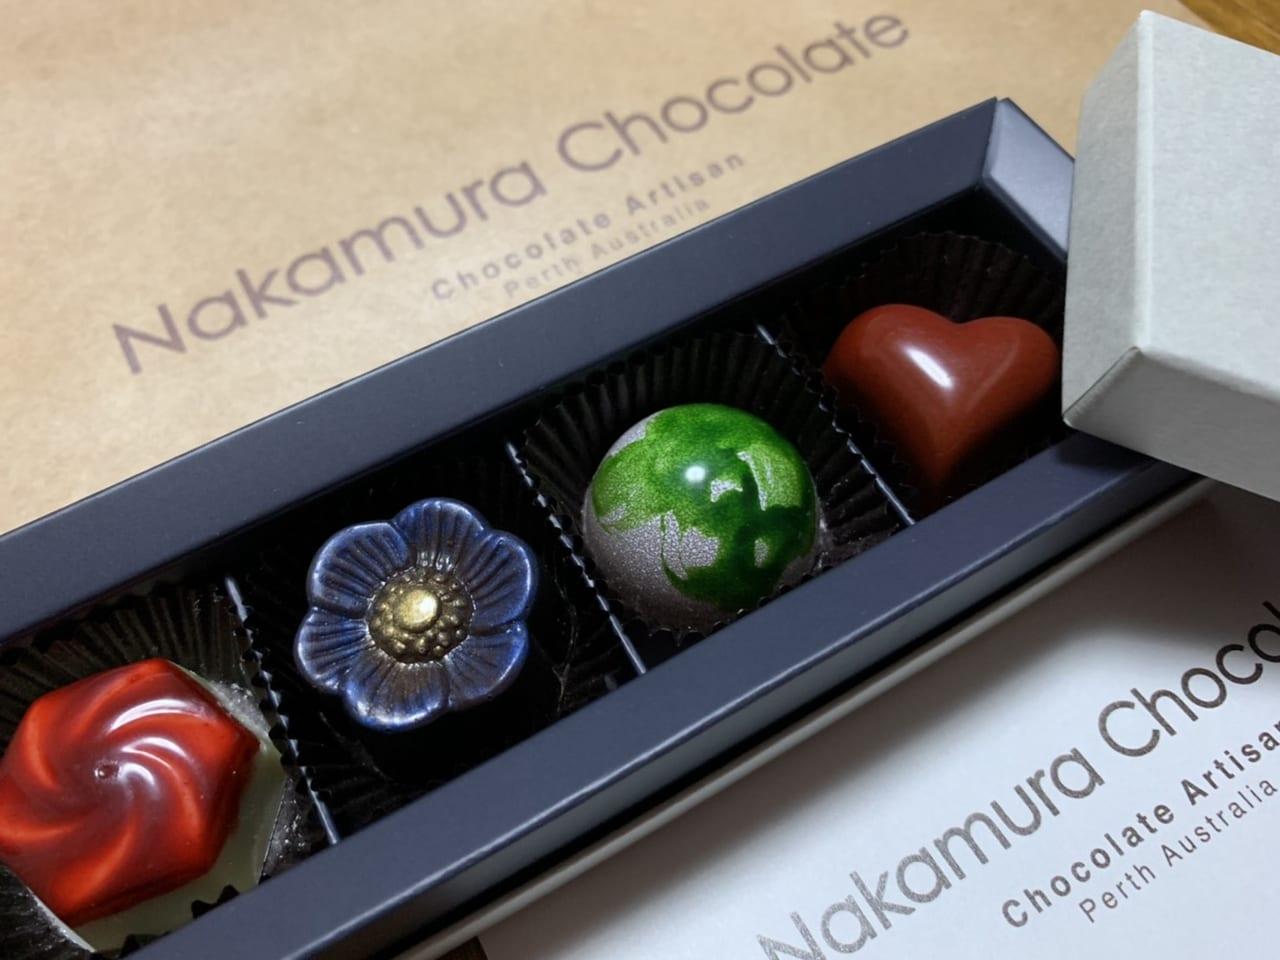 チョコレート・なかむら岡本